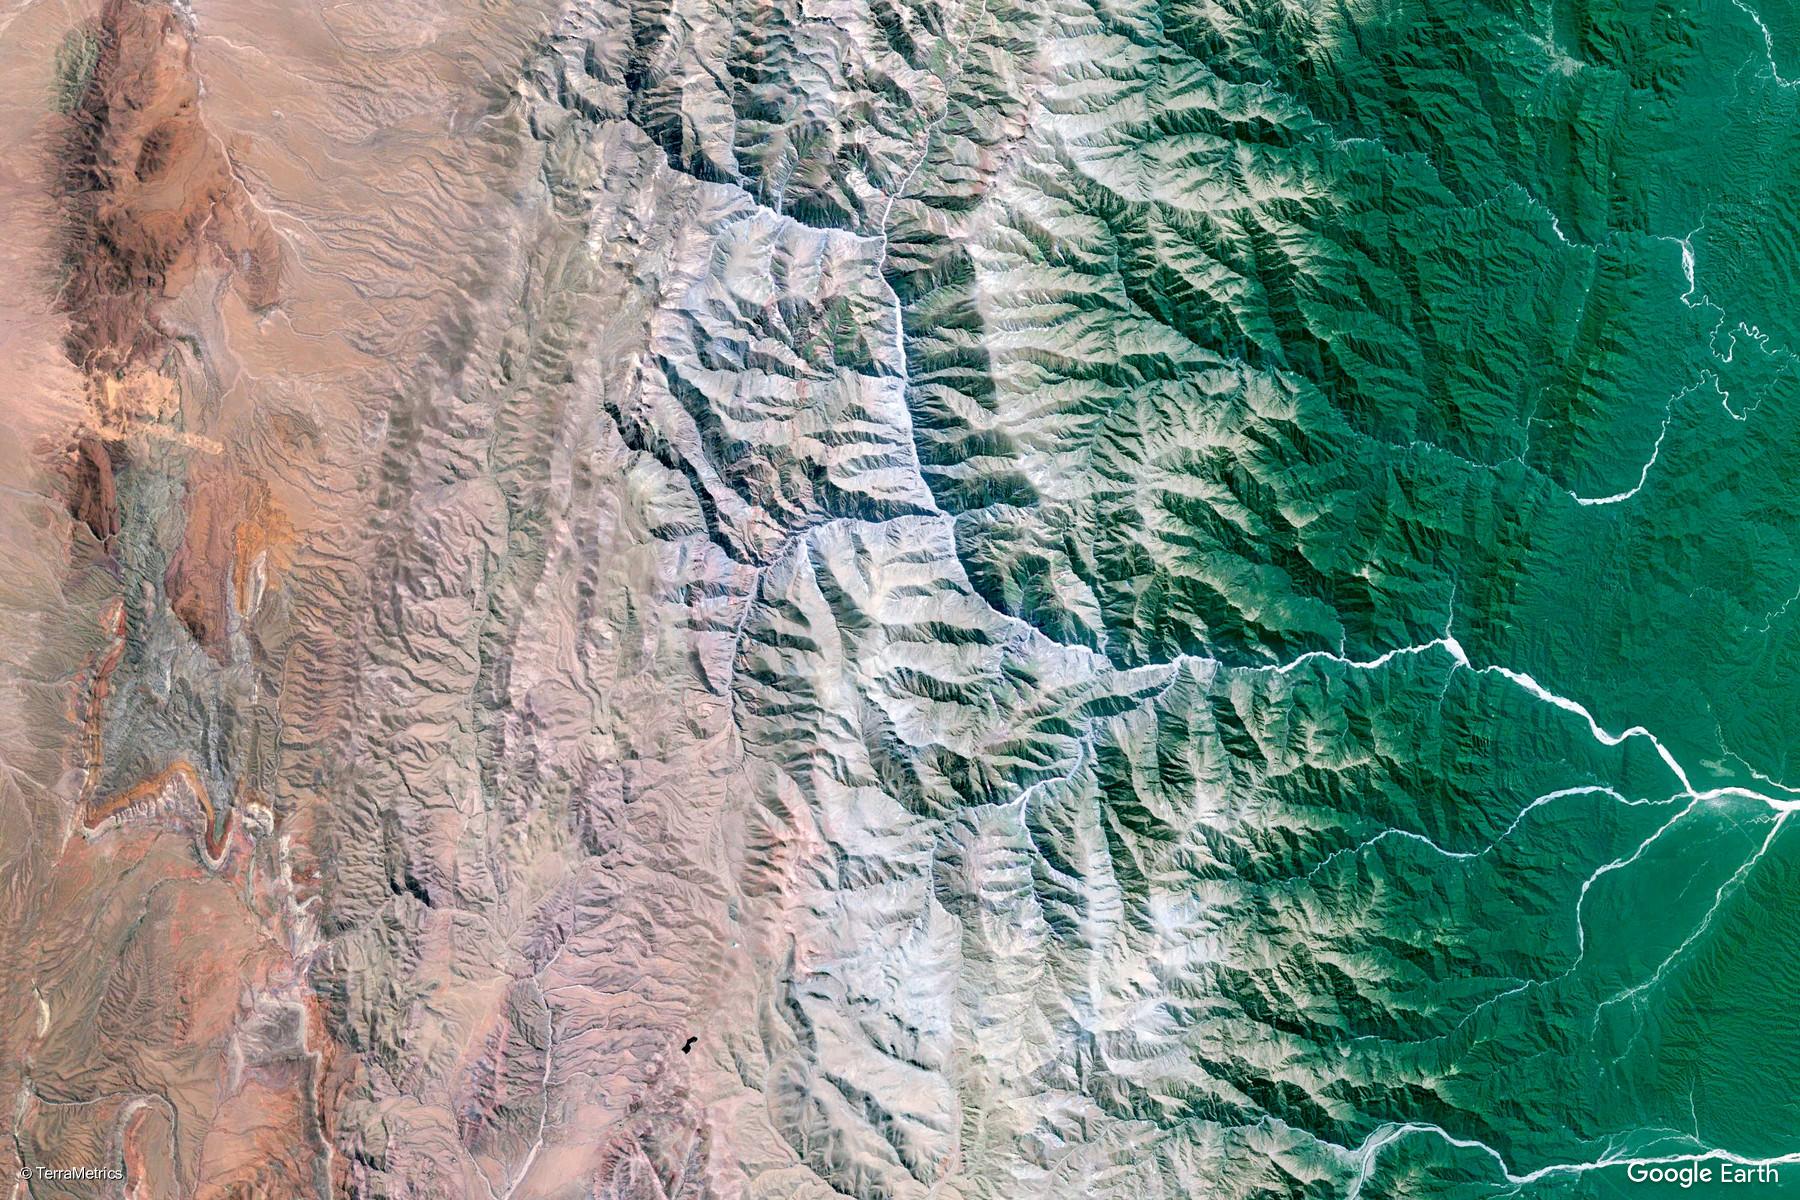 HUMAHUACA - Tiene el encanto de los pueblos quebradeños y es uno de los principales destinos turísticos en el circuito de la Quebrada. El pueblo de Humahuaca se encuentra cerca de los 3.000 metros de altura, rodeado de cordones montañosos de gran belleza. El pueblo es la entrada a La Puna jujeña y es la última localidad importante de la Quebrada de Humahuaca, en el camino hacia el norte, hacía La Quiaca